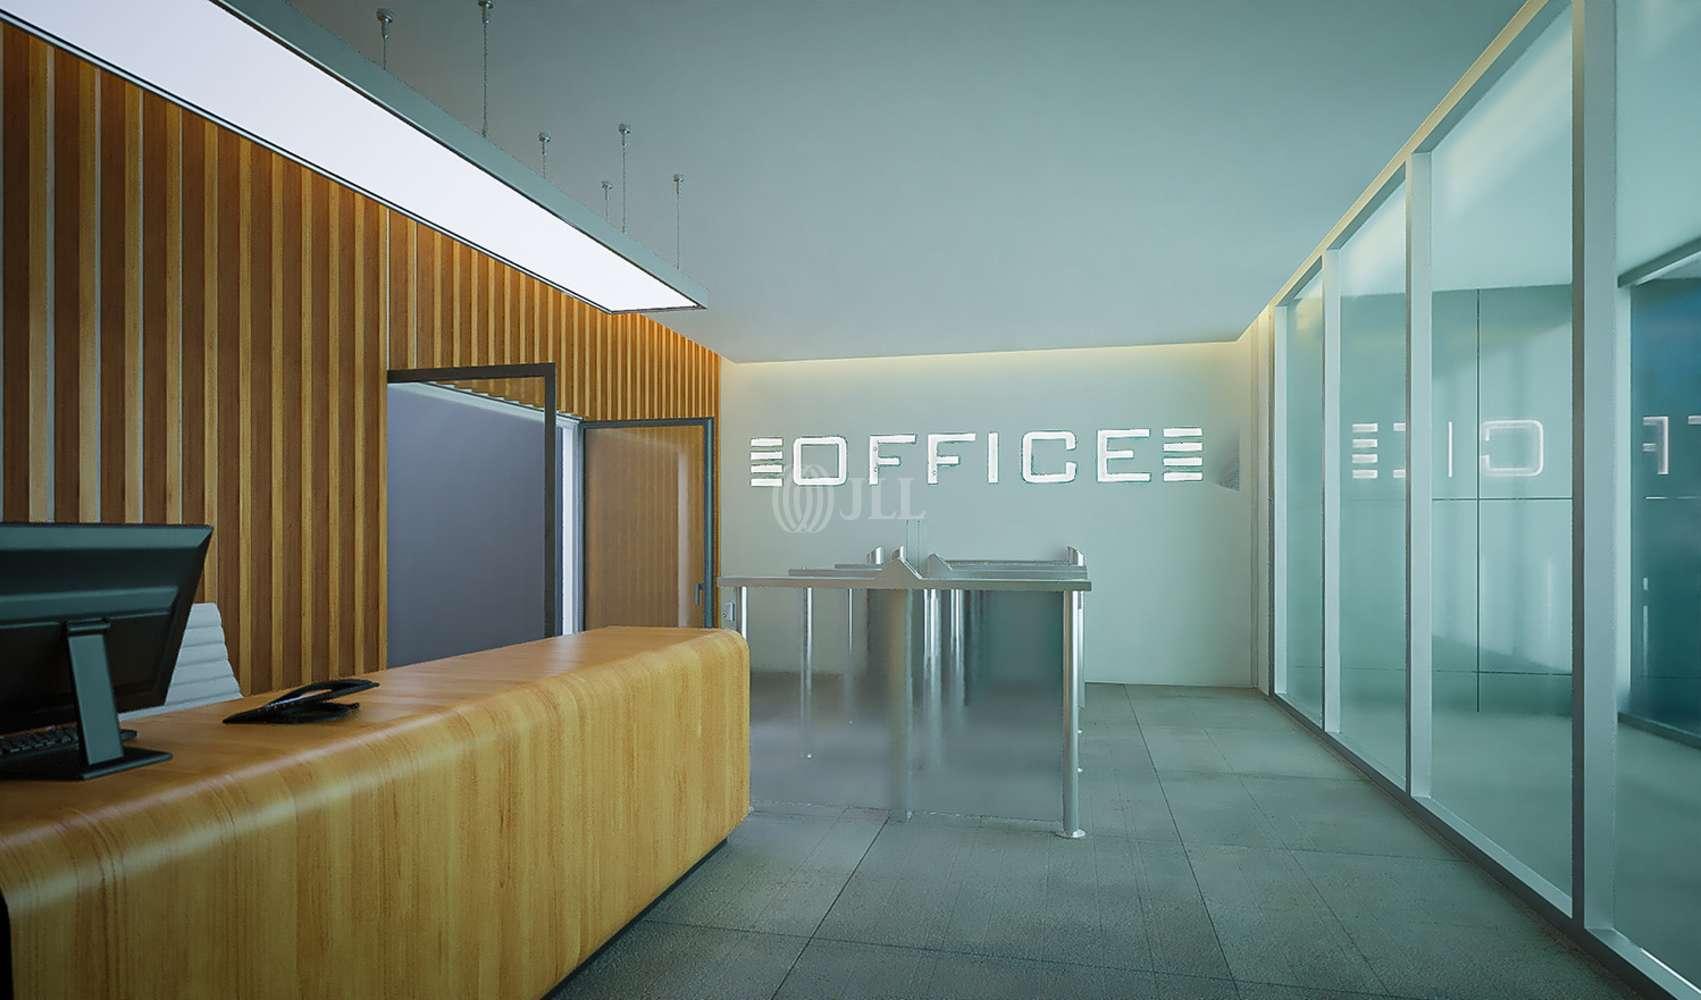 Escritórios S. domigos rana, 2789-524 - Alagoa Office & Retail Center - 4